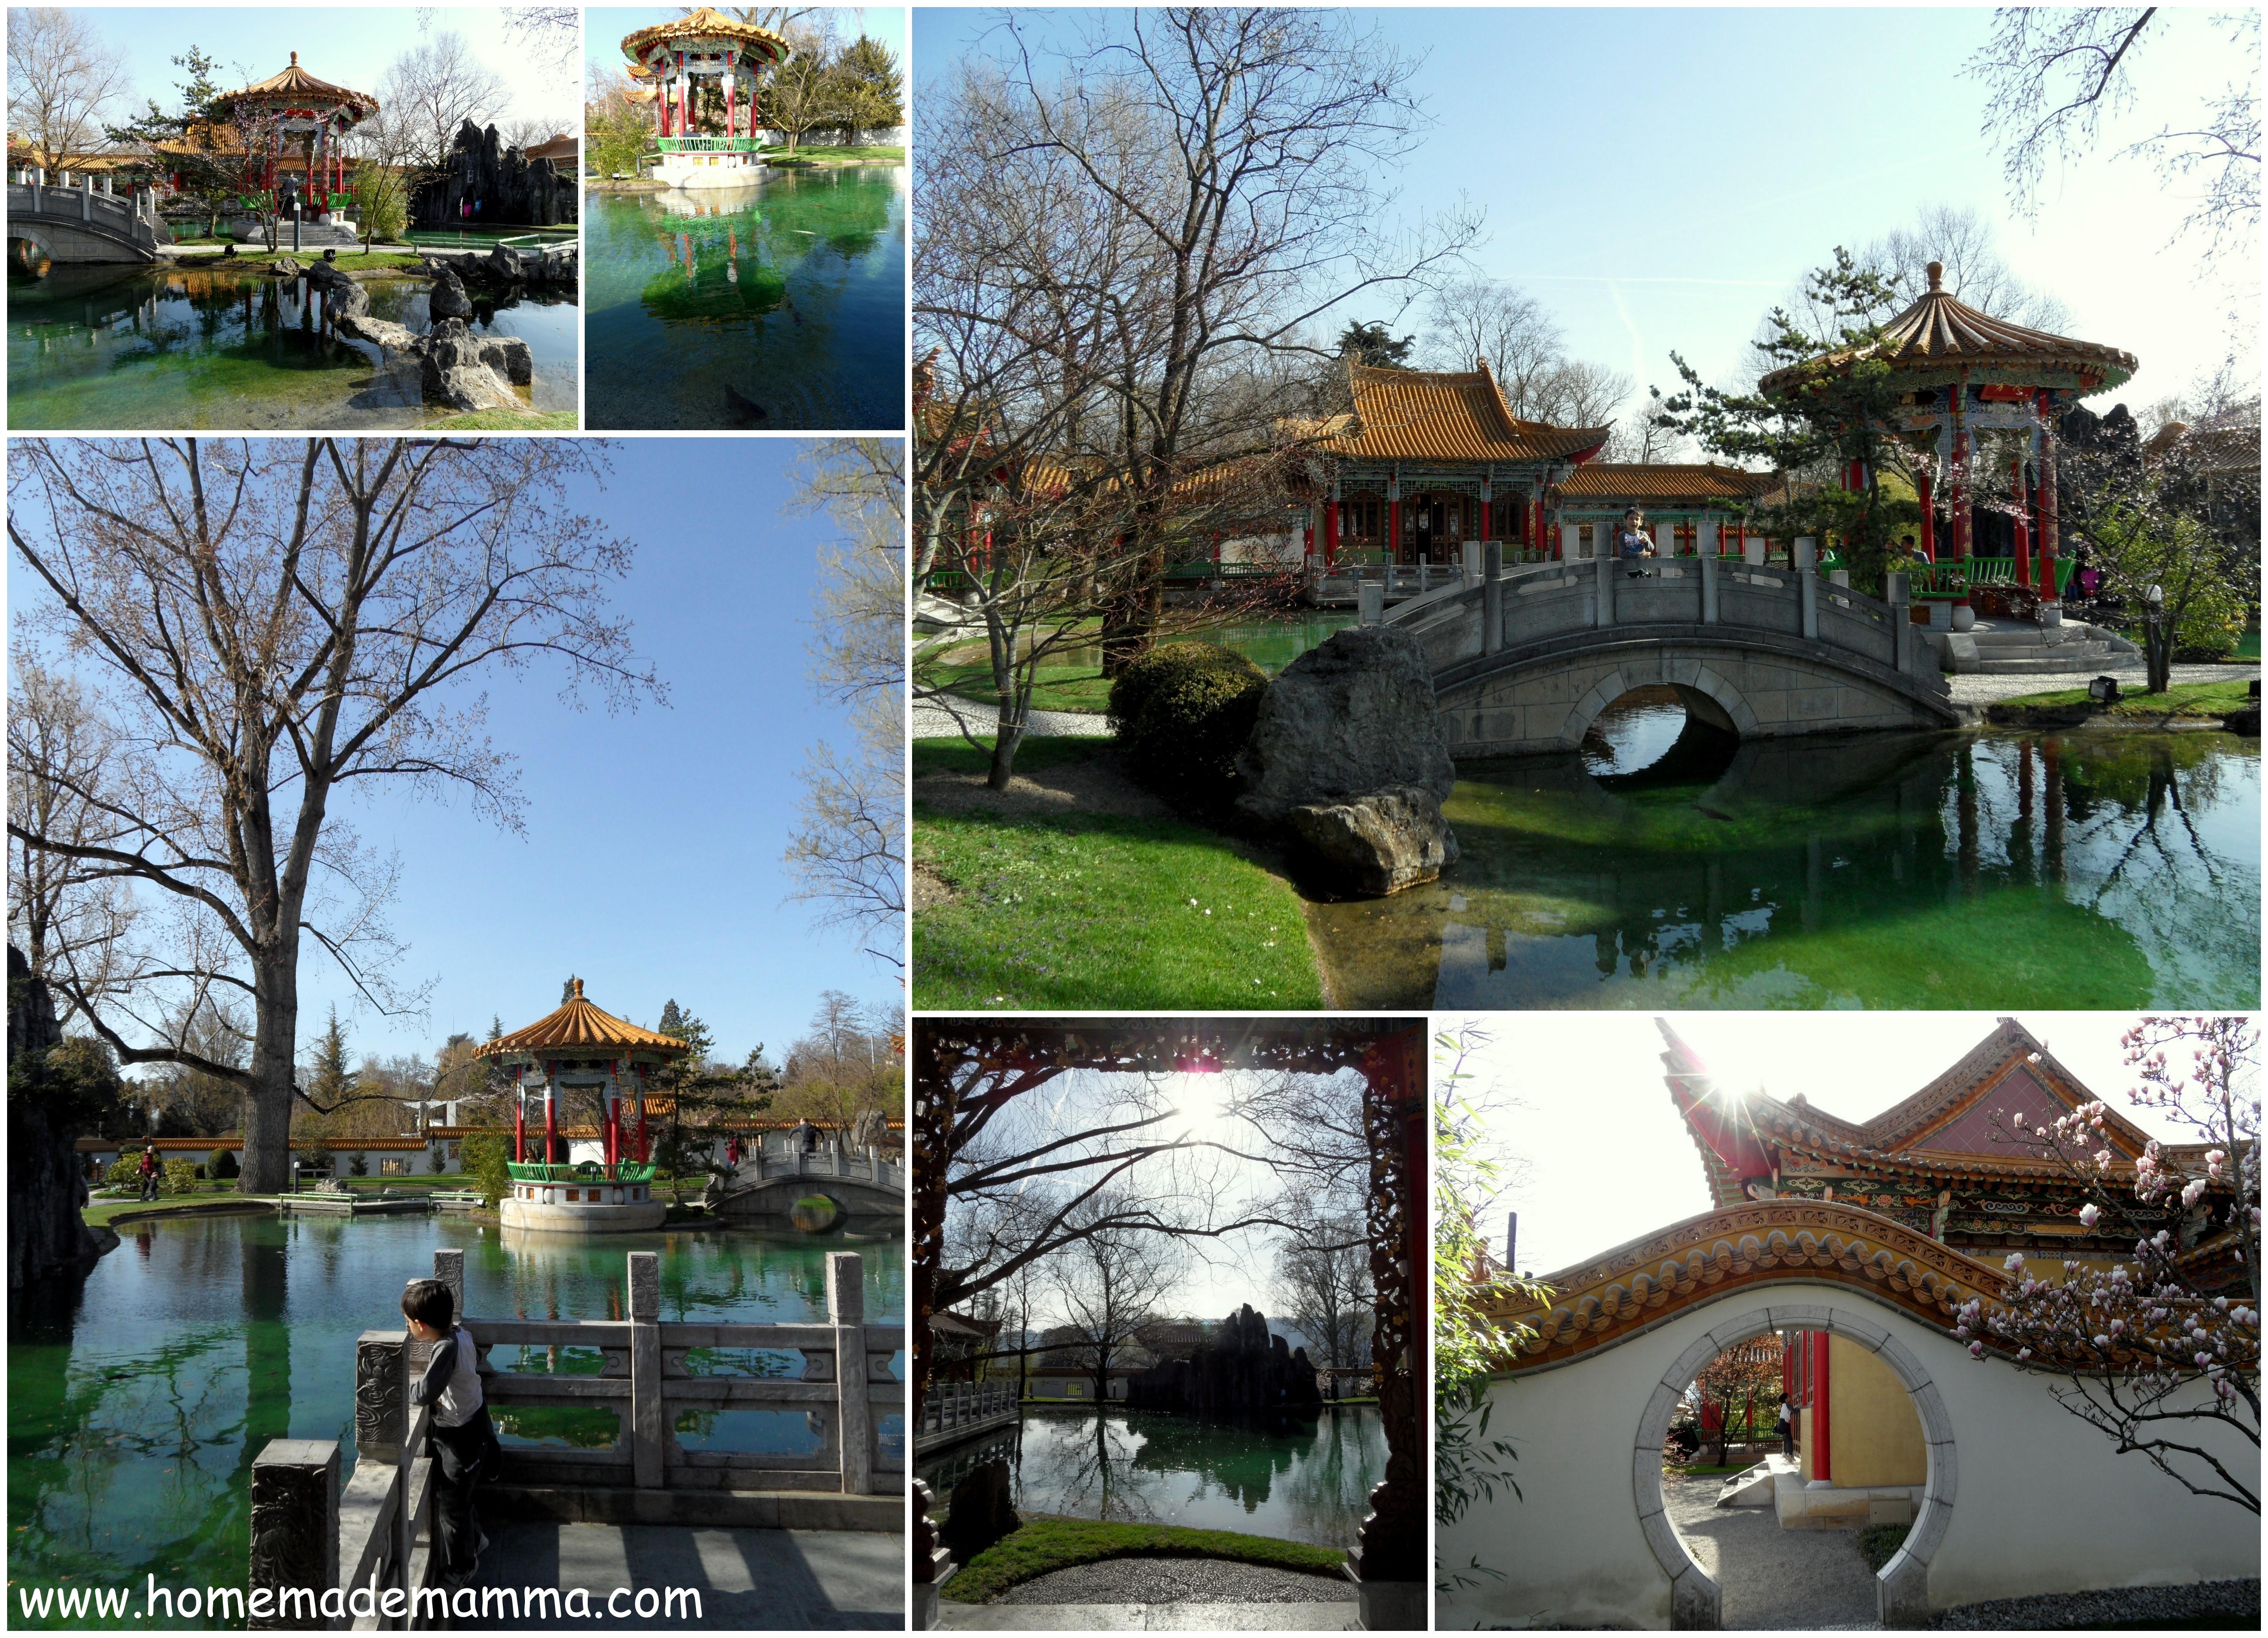 Alla scoperta di zurigo un giardino cinese nel centro citt for Giardino cinese